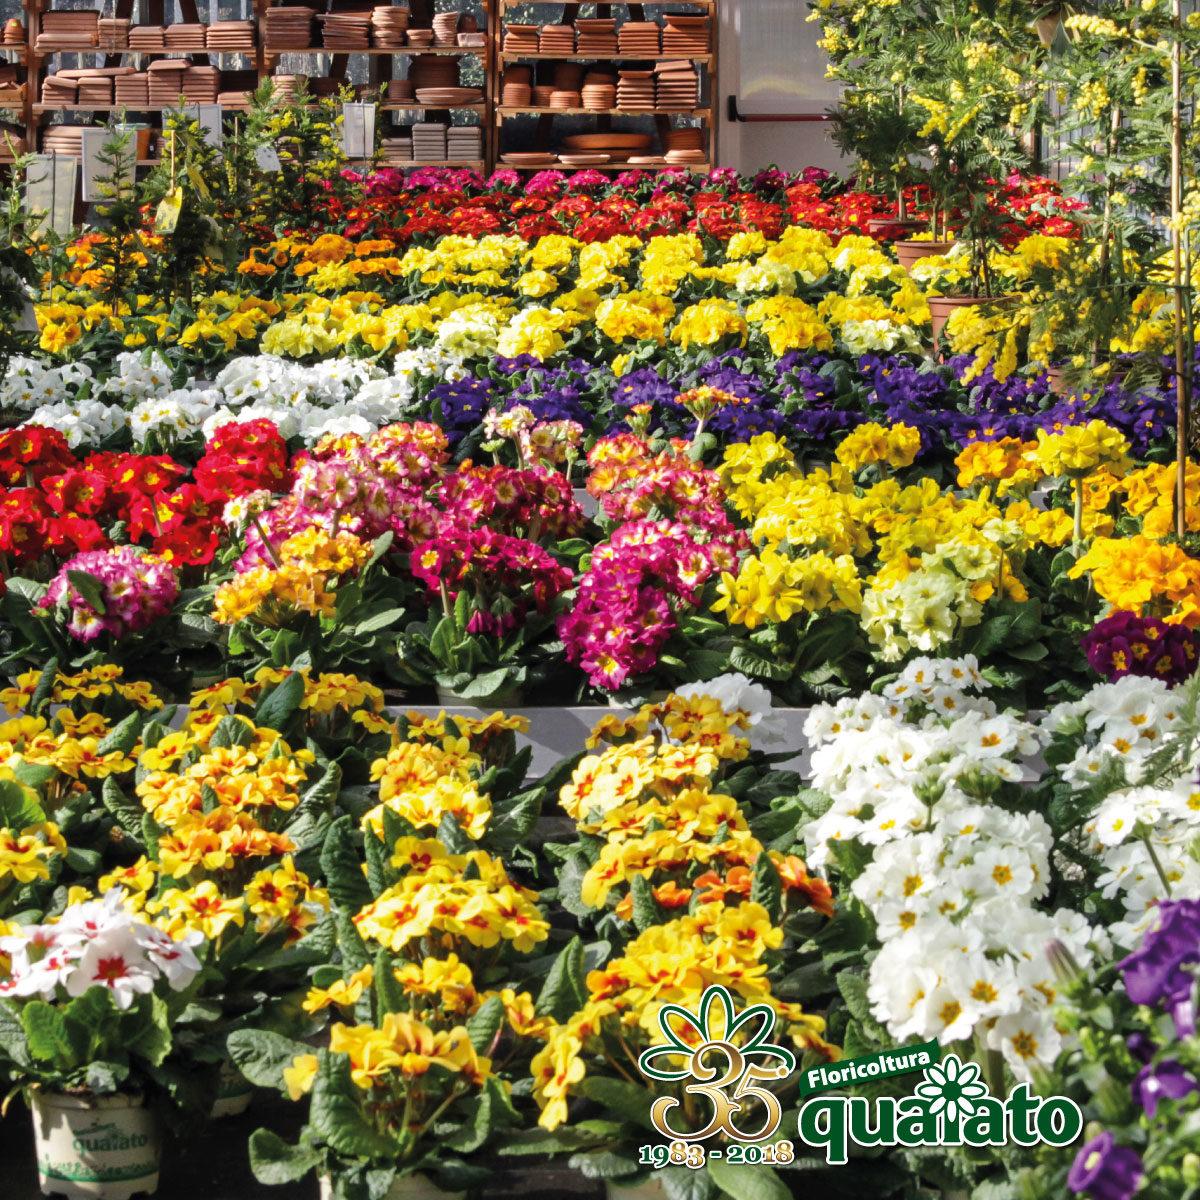 Floricoltura Quaiato – Garden Verona